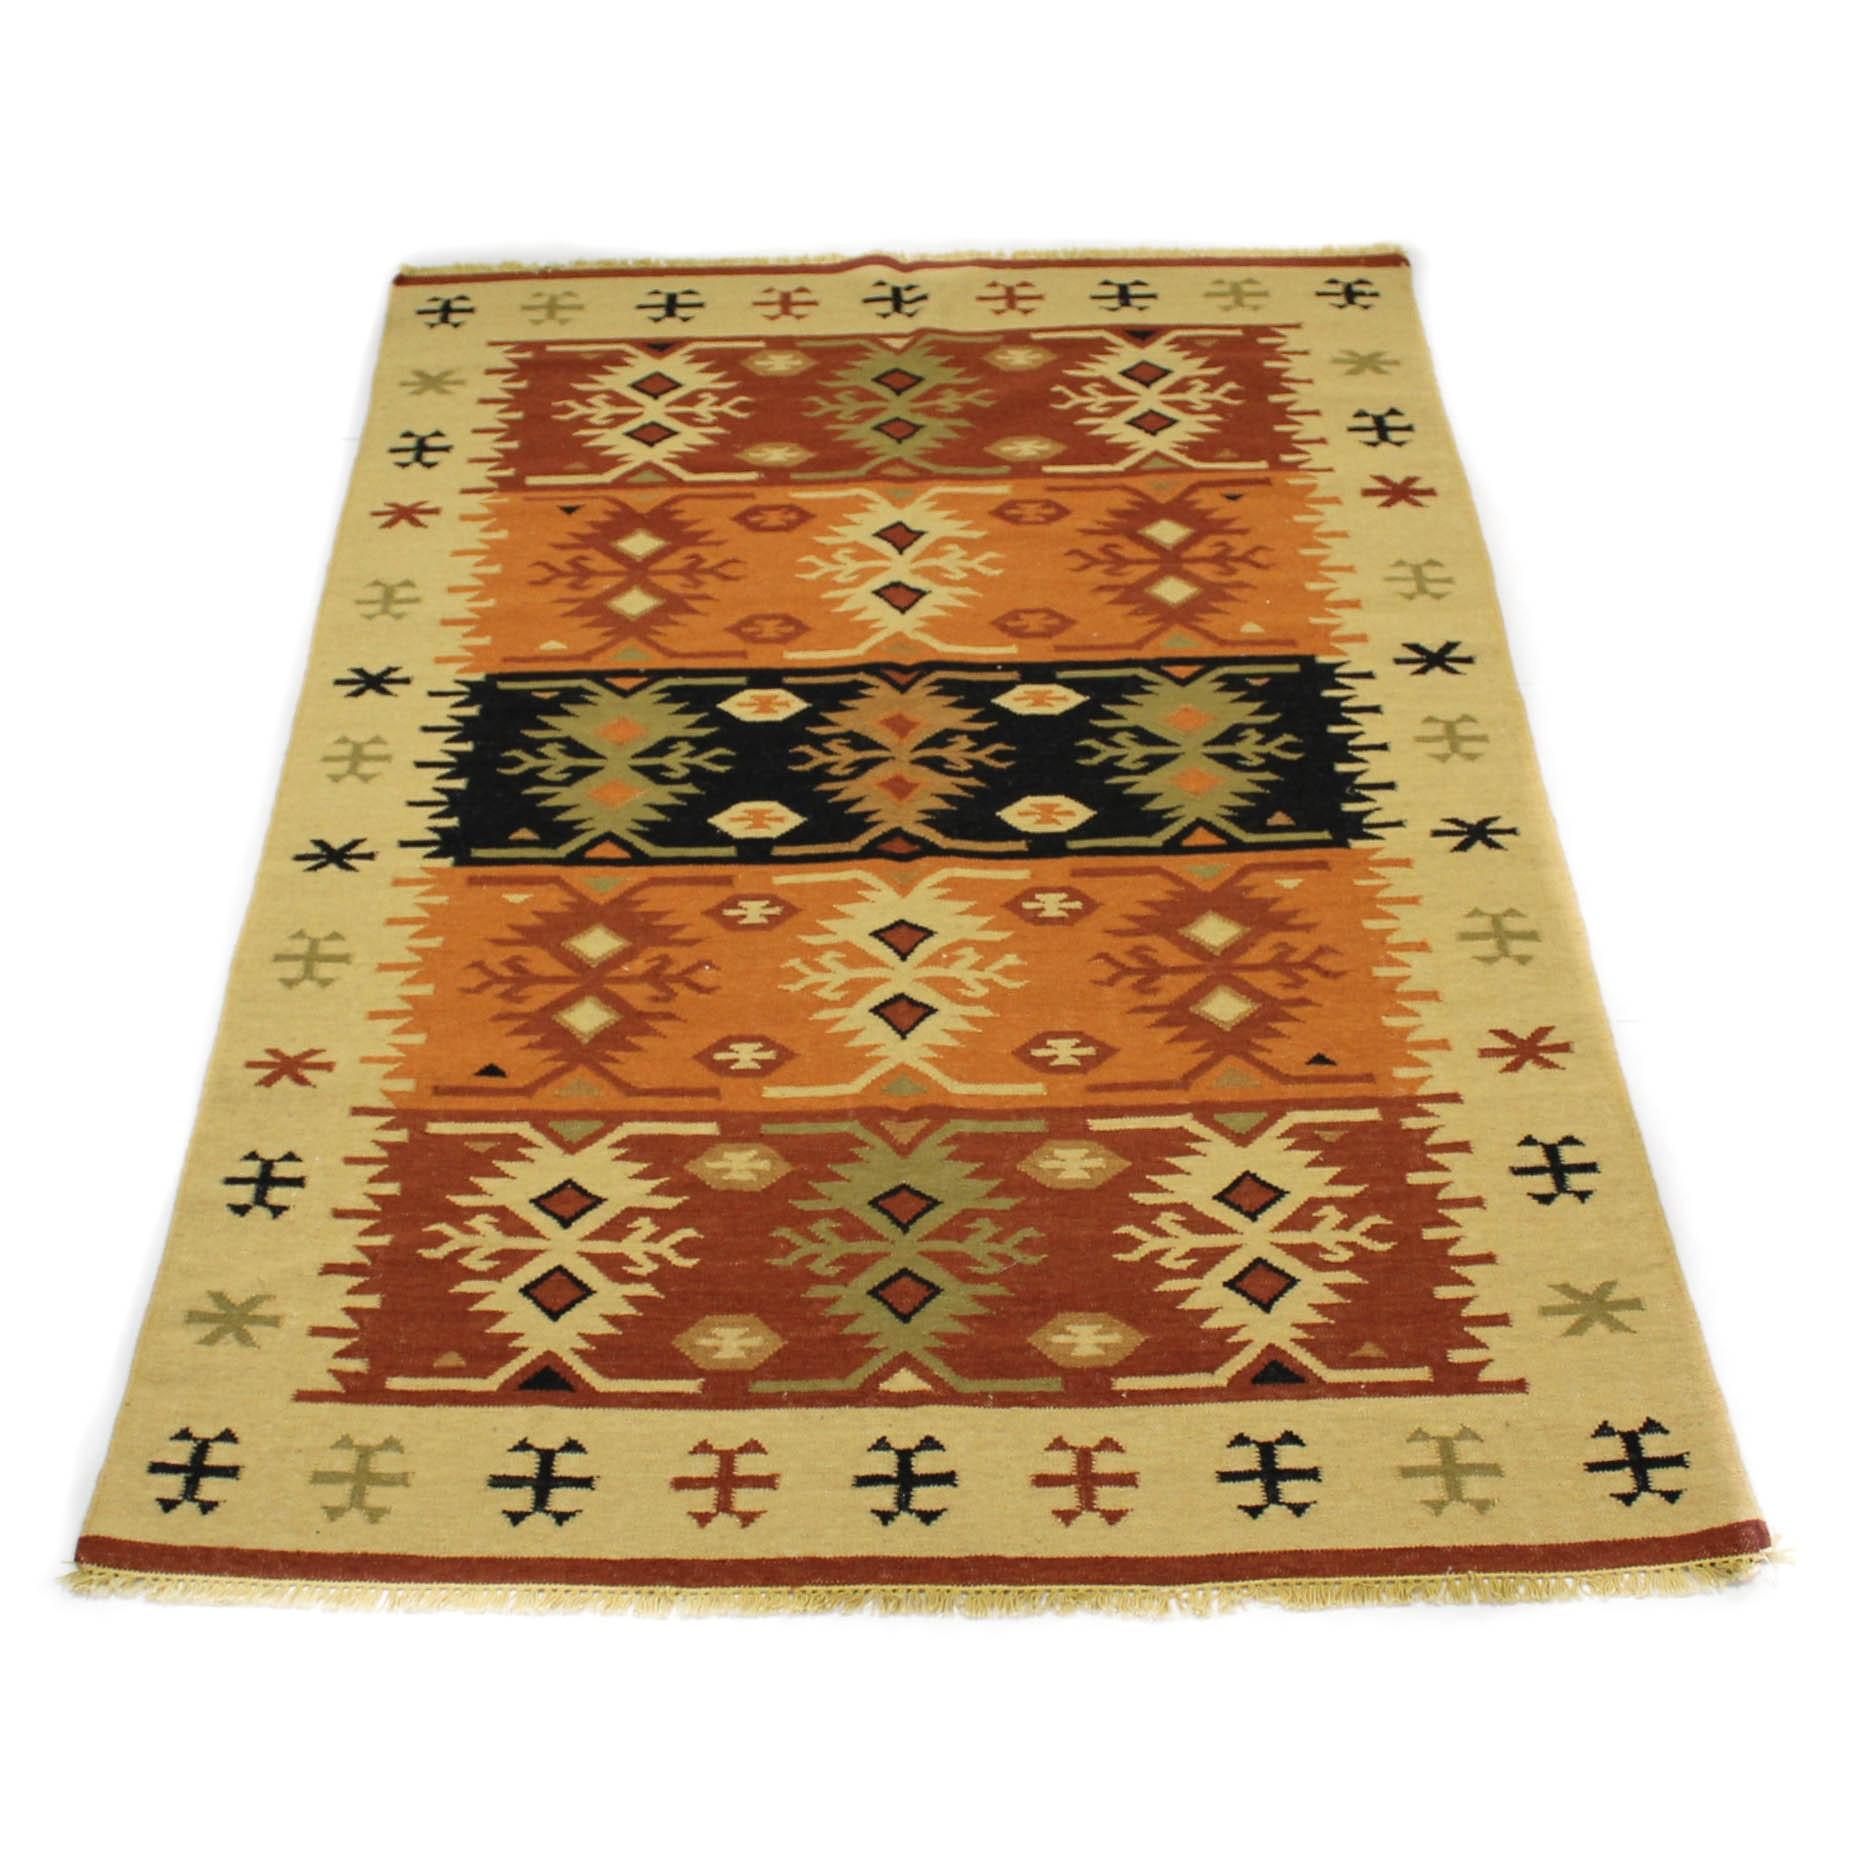 Hand-Woven Indo-Turkish Kilim Rug